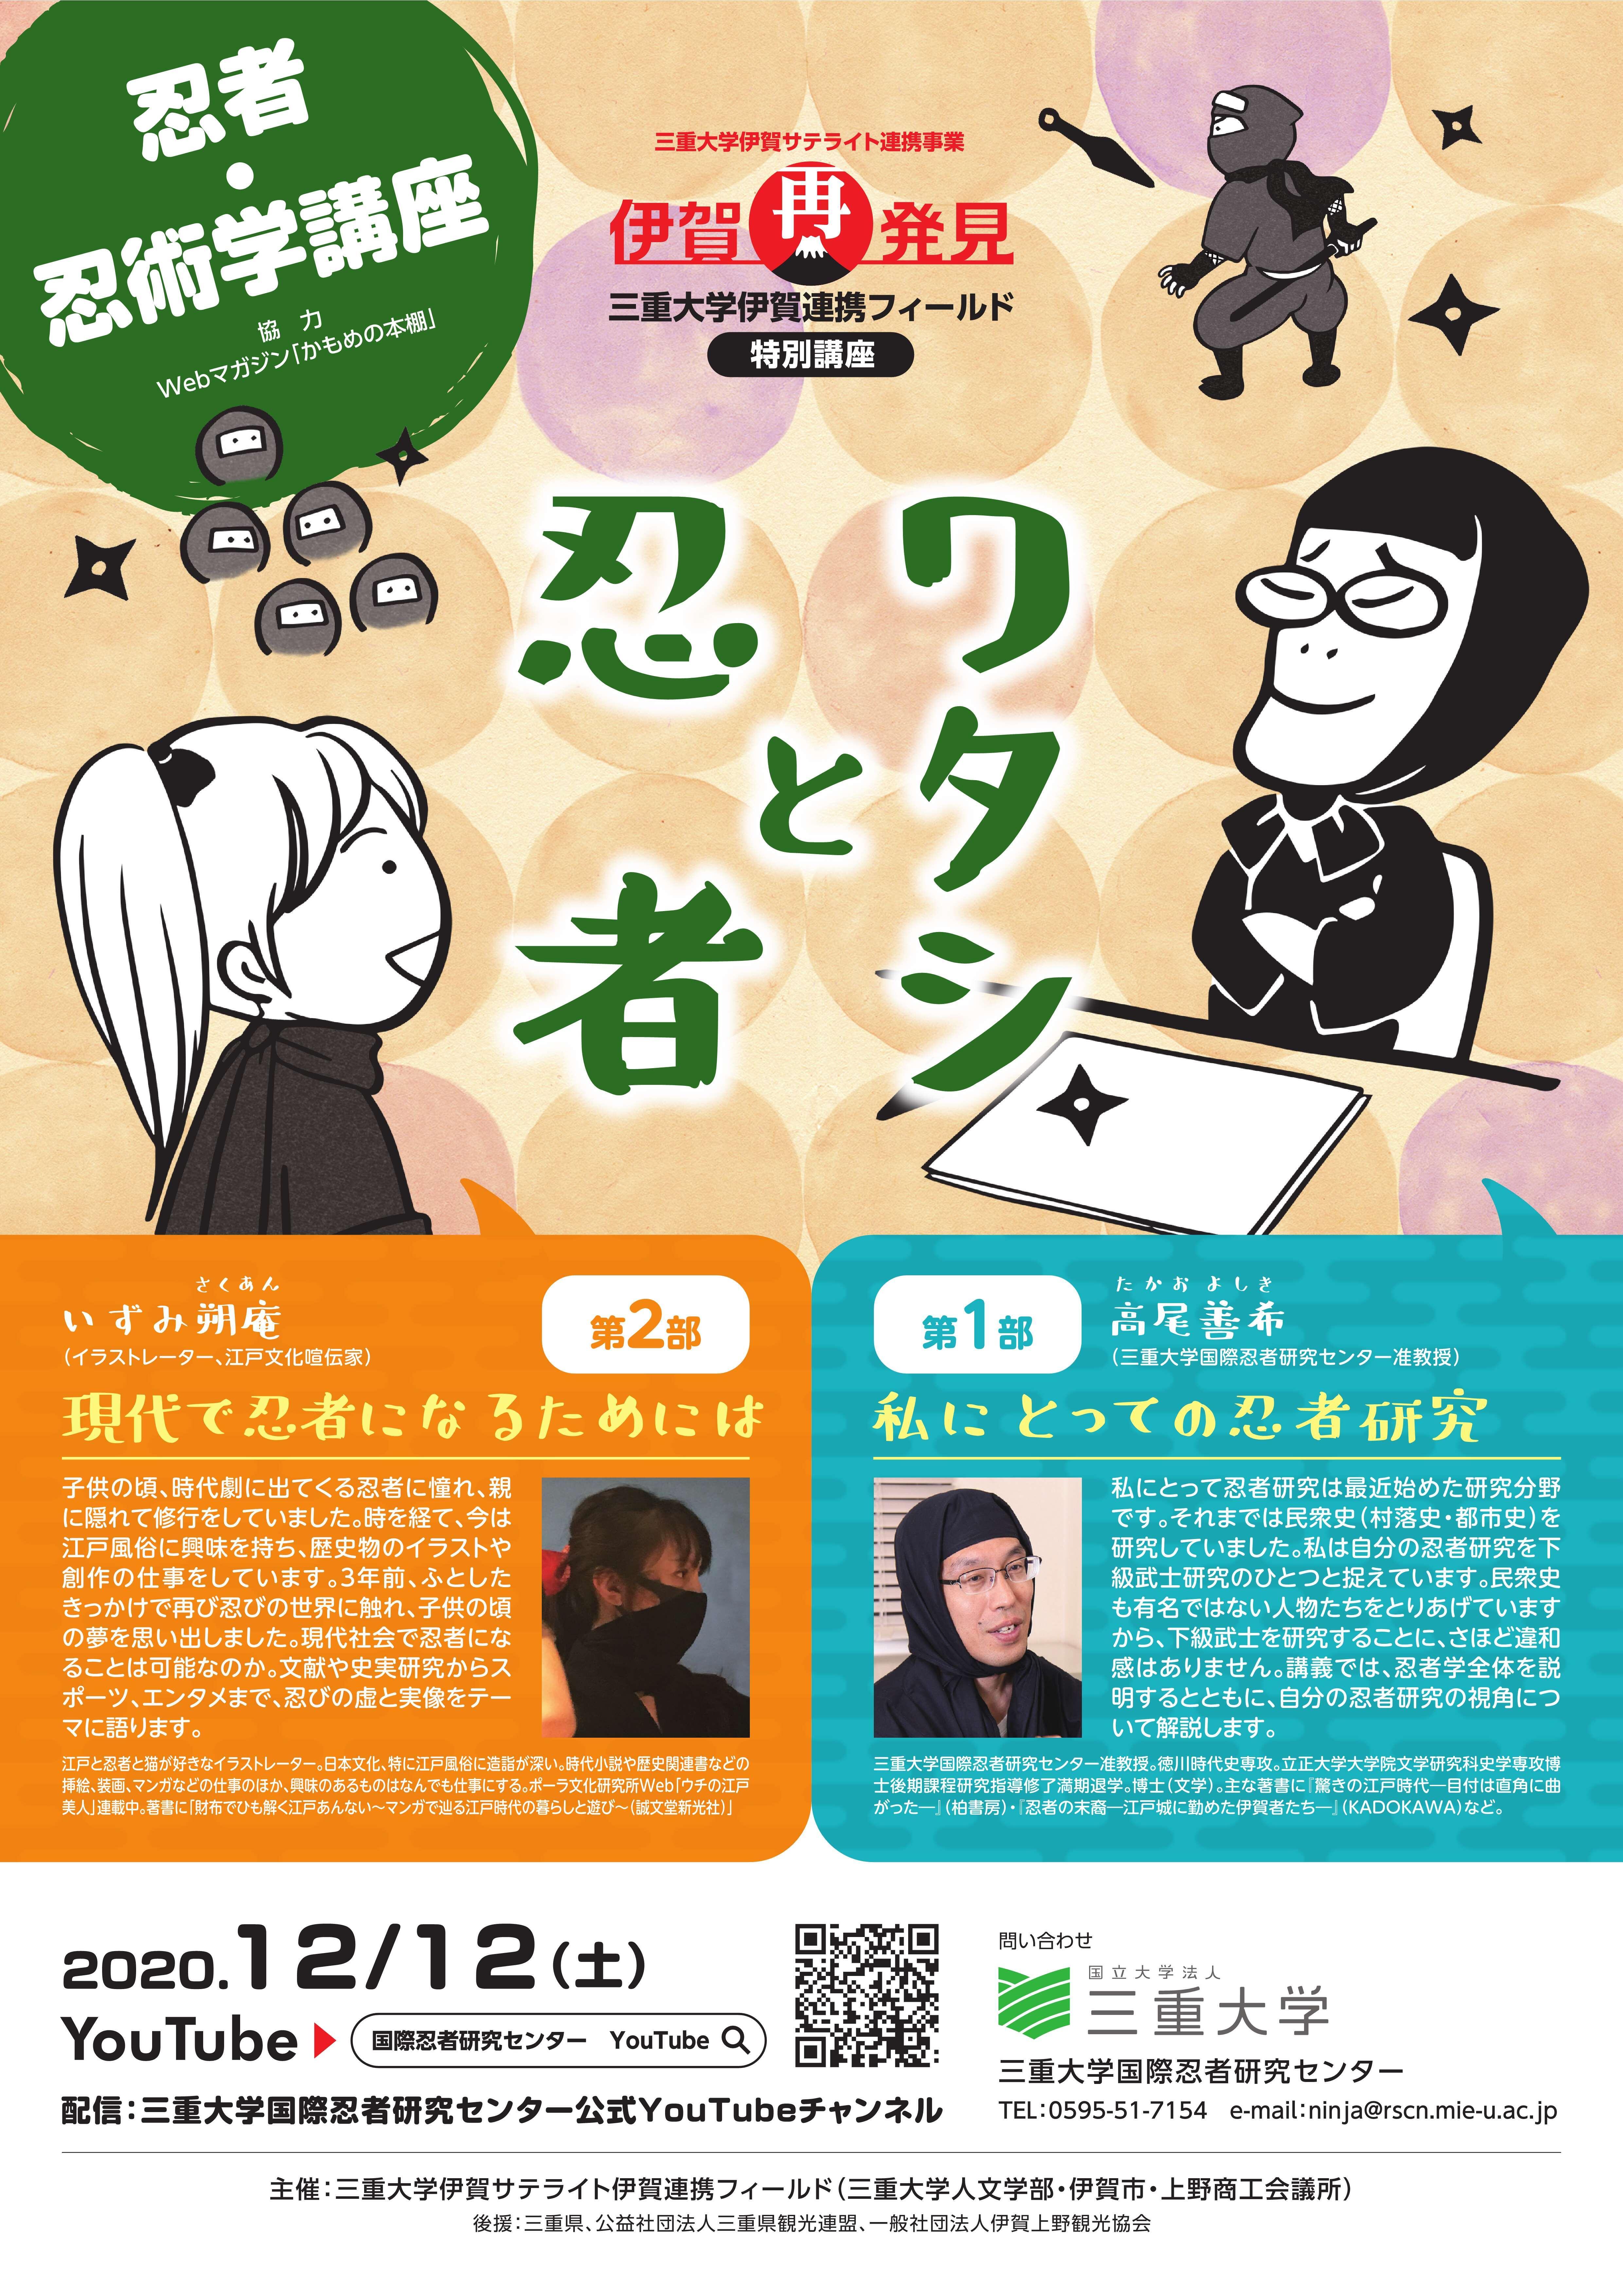 2003070060_2020 忍者・忍術学講座_A4納品用.jpg